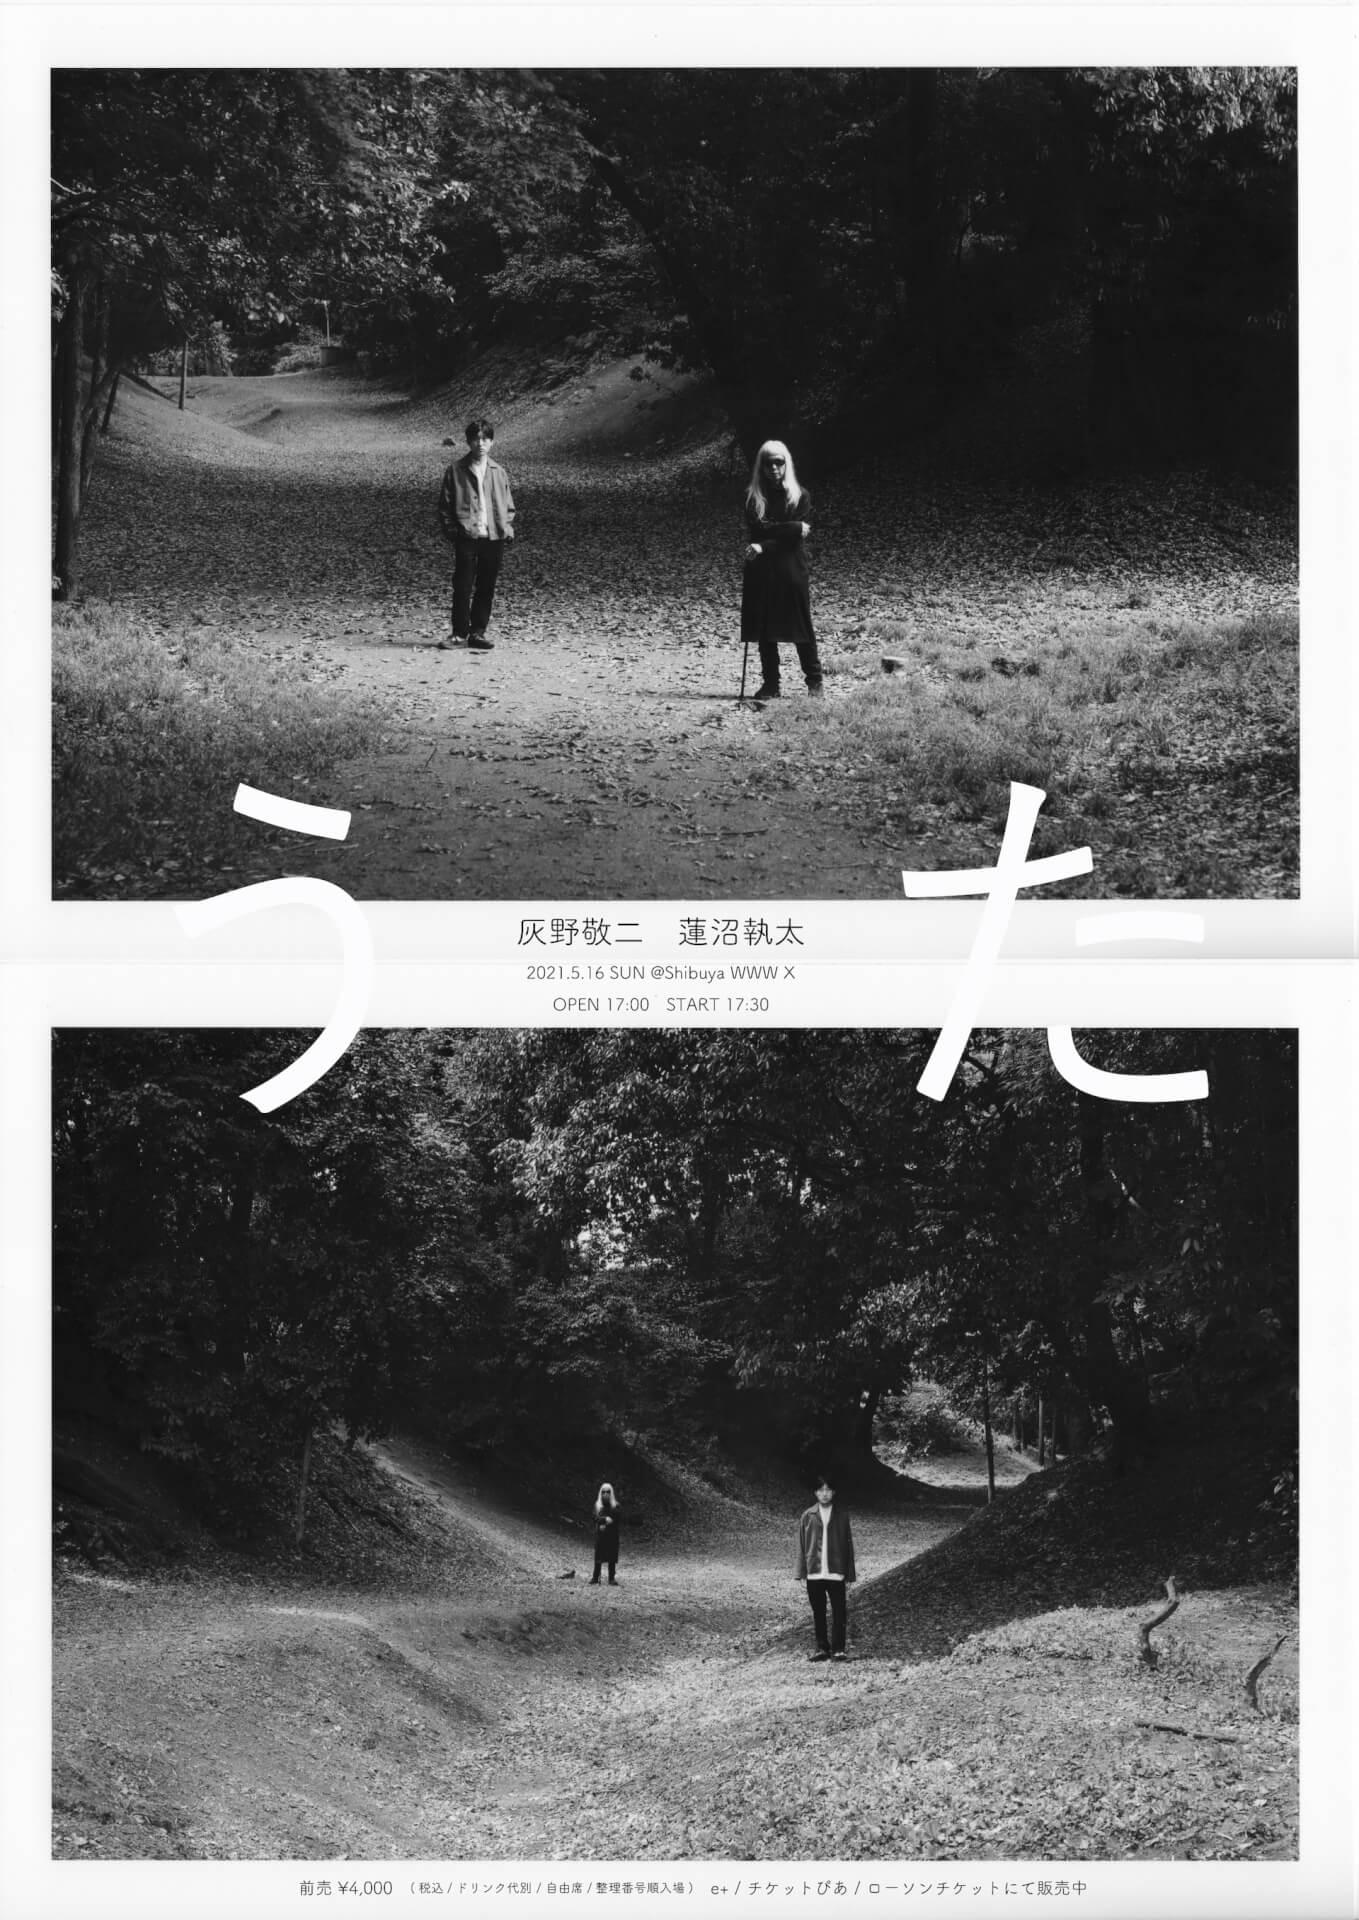 灰野敬二と蓮沼執太による貴重なコラボレーションライブがWWW Xにて開催決定!東京で初のセッション music210416_uta-2104016_1